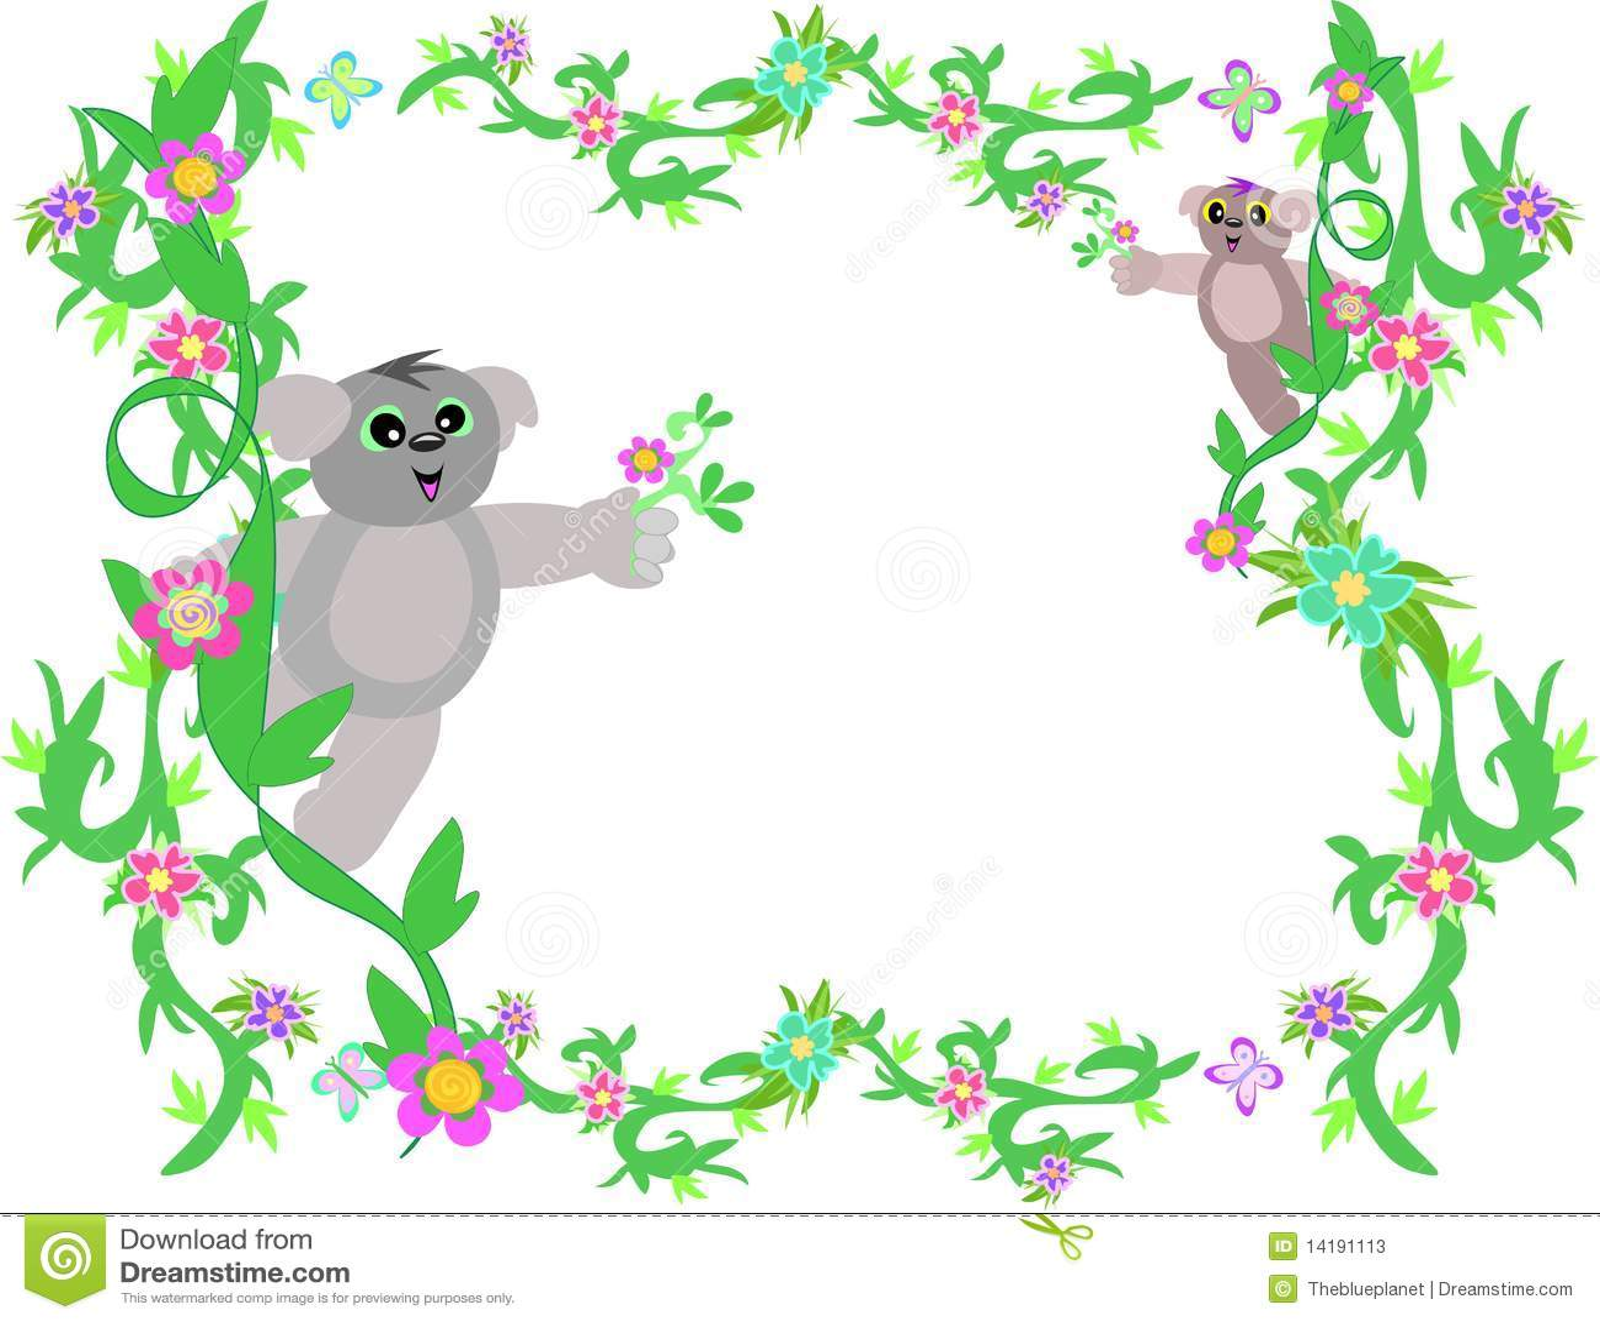 Marco de vides y de osos de koala ilustraci n del vector for Paginas de decoracion hogar